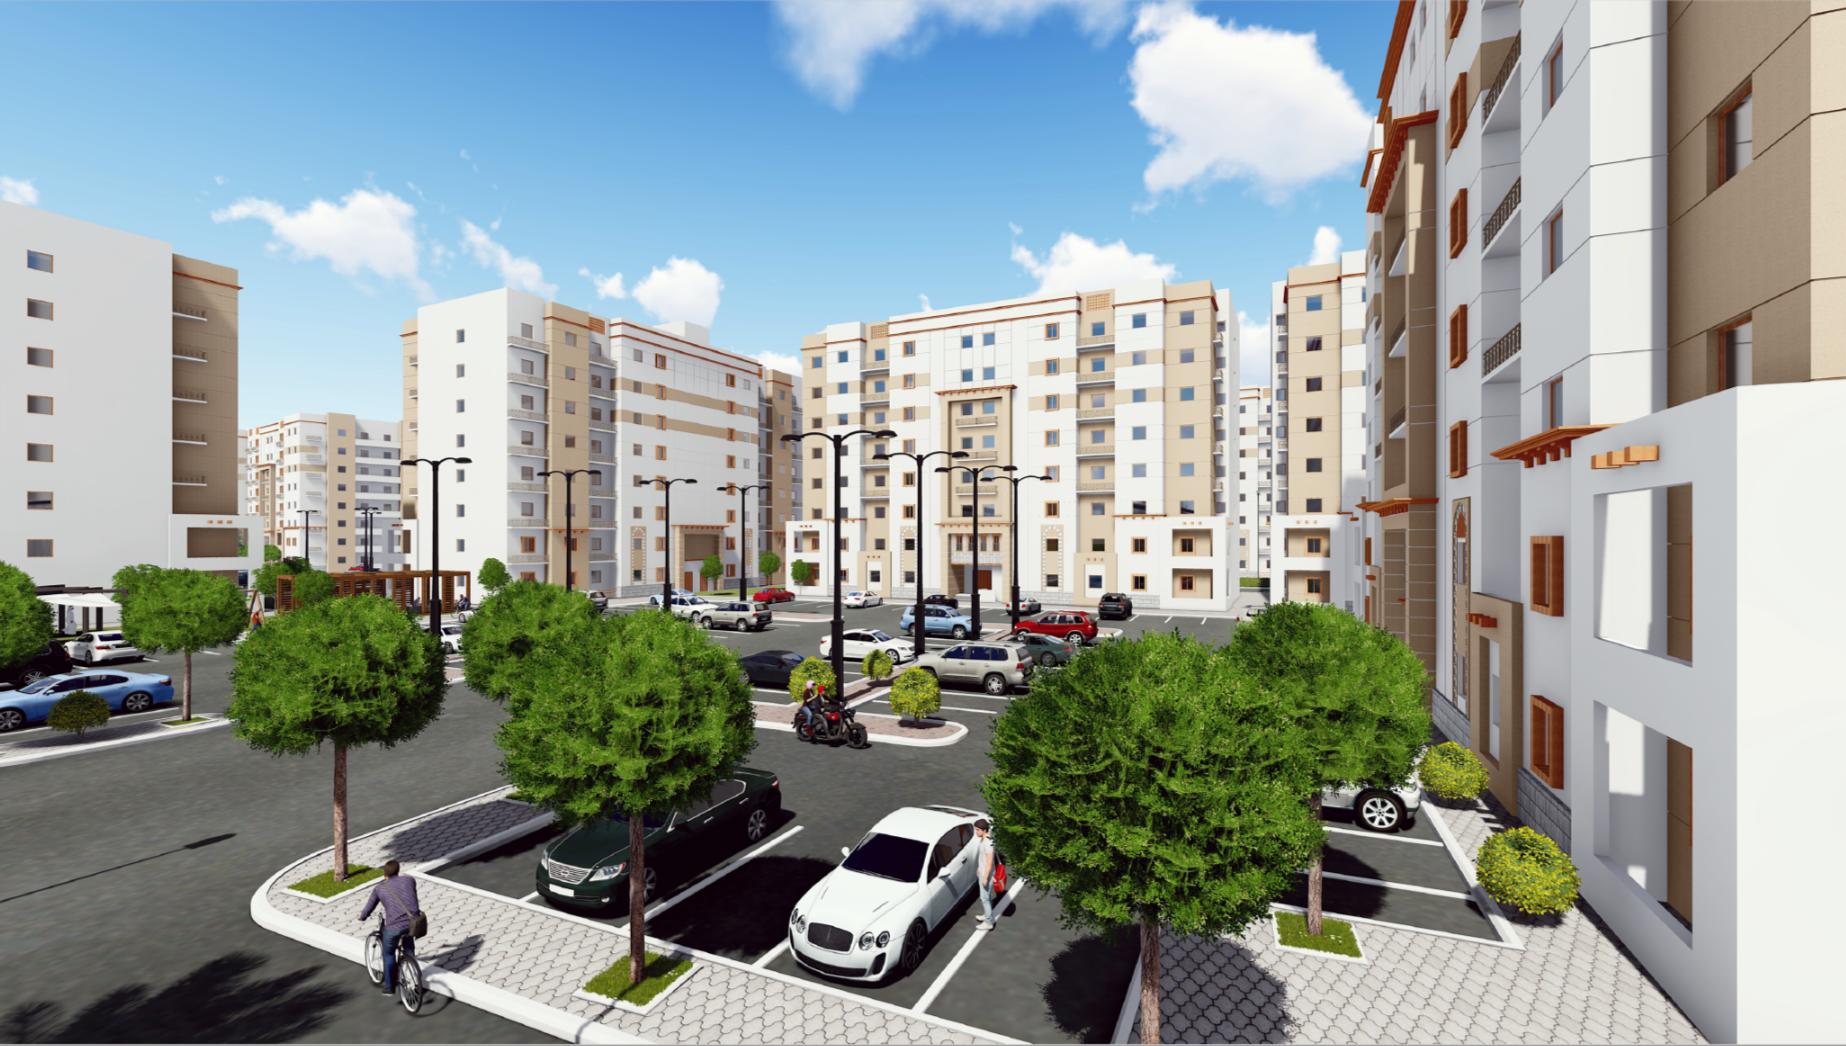 ضاحية الميار - مشاريع سكنية - المشاريع السكنية